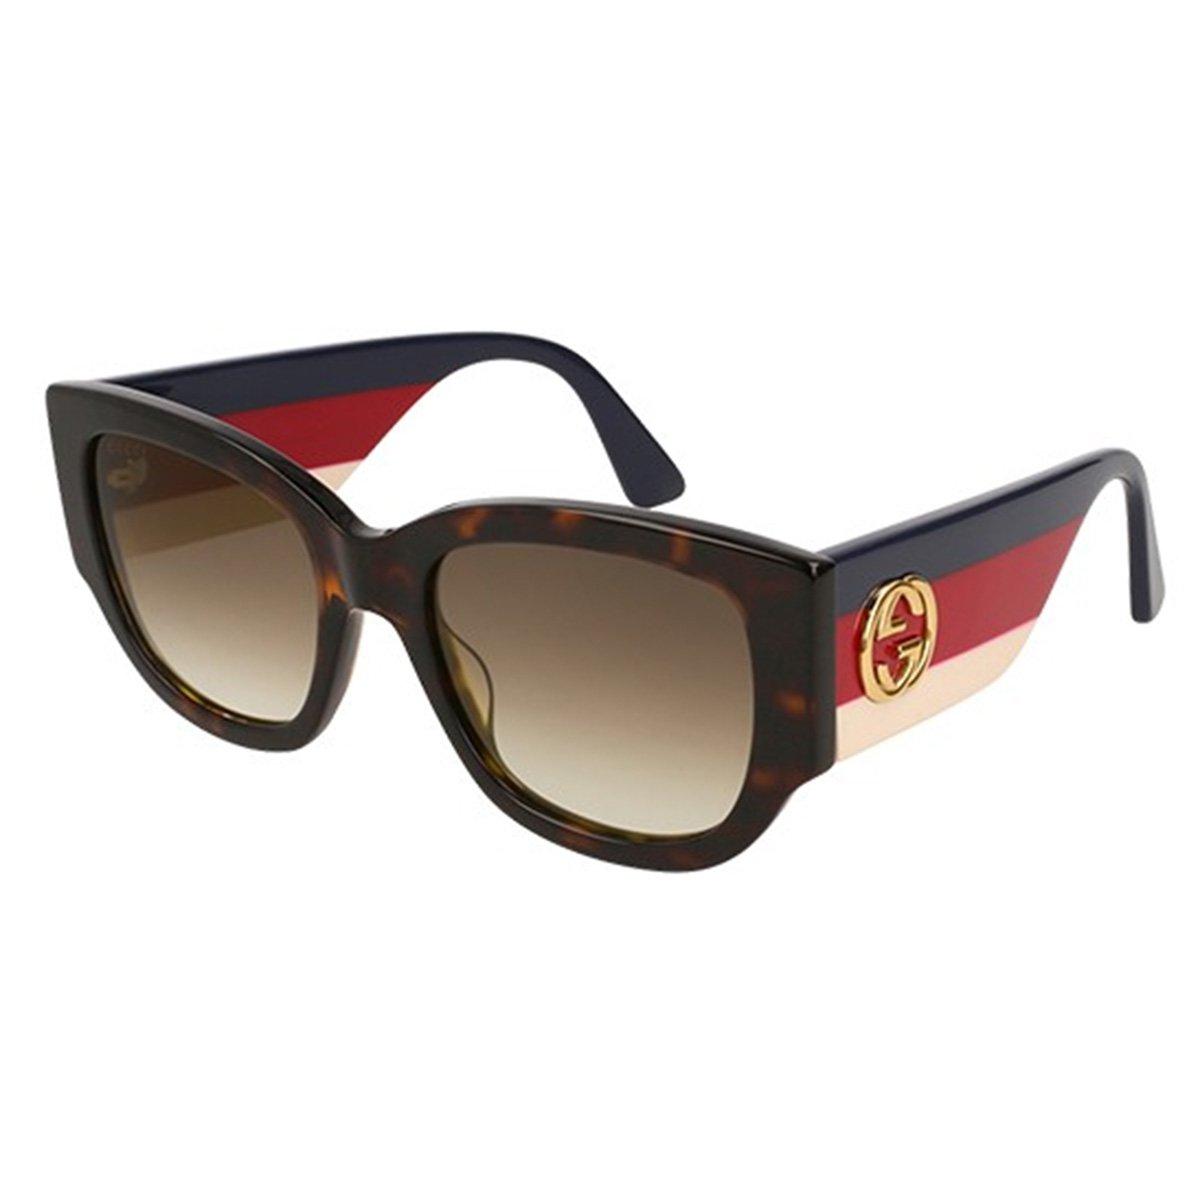 5b5a83746eda5 Compre Óculos de Sol Gucci em 10X